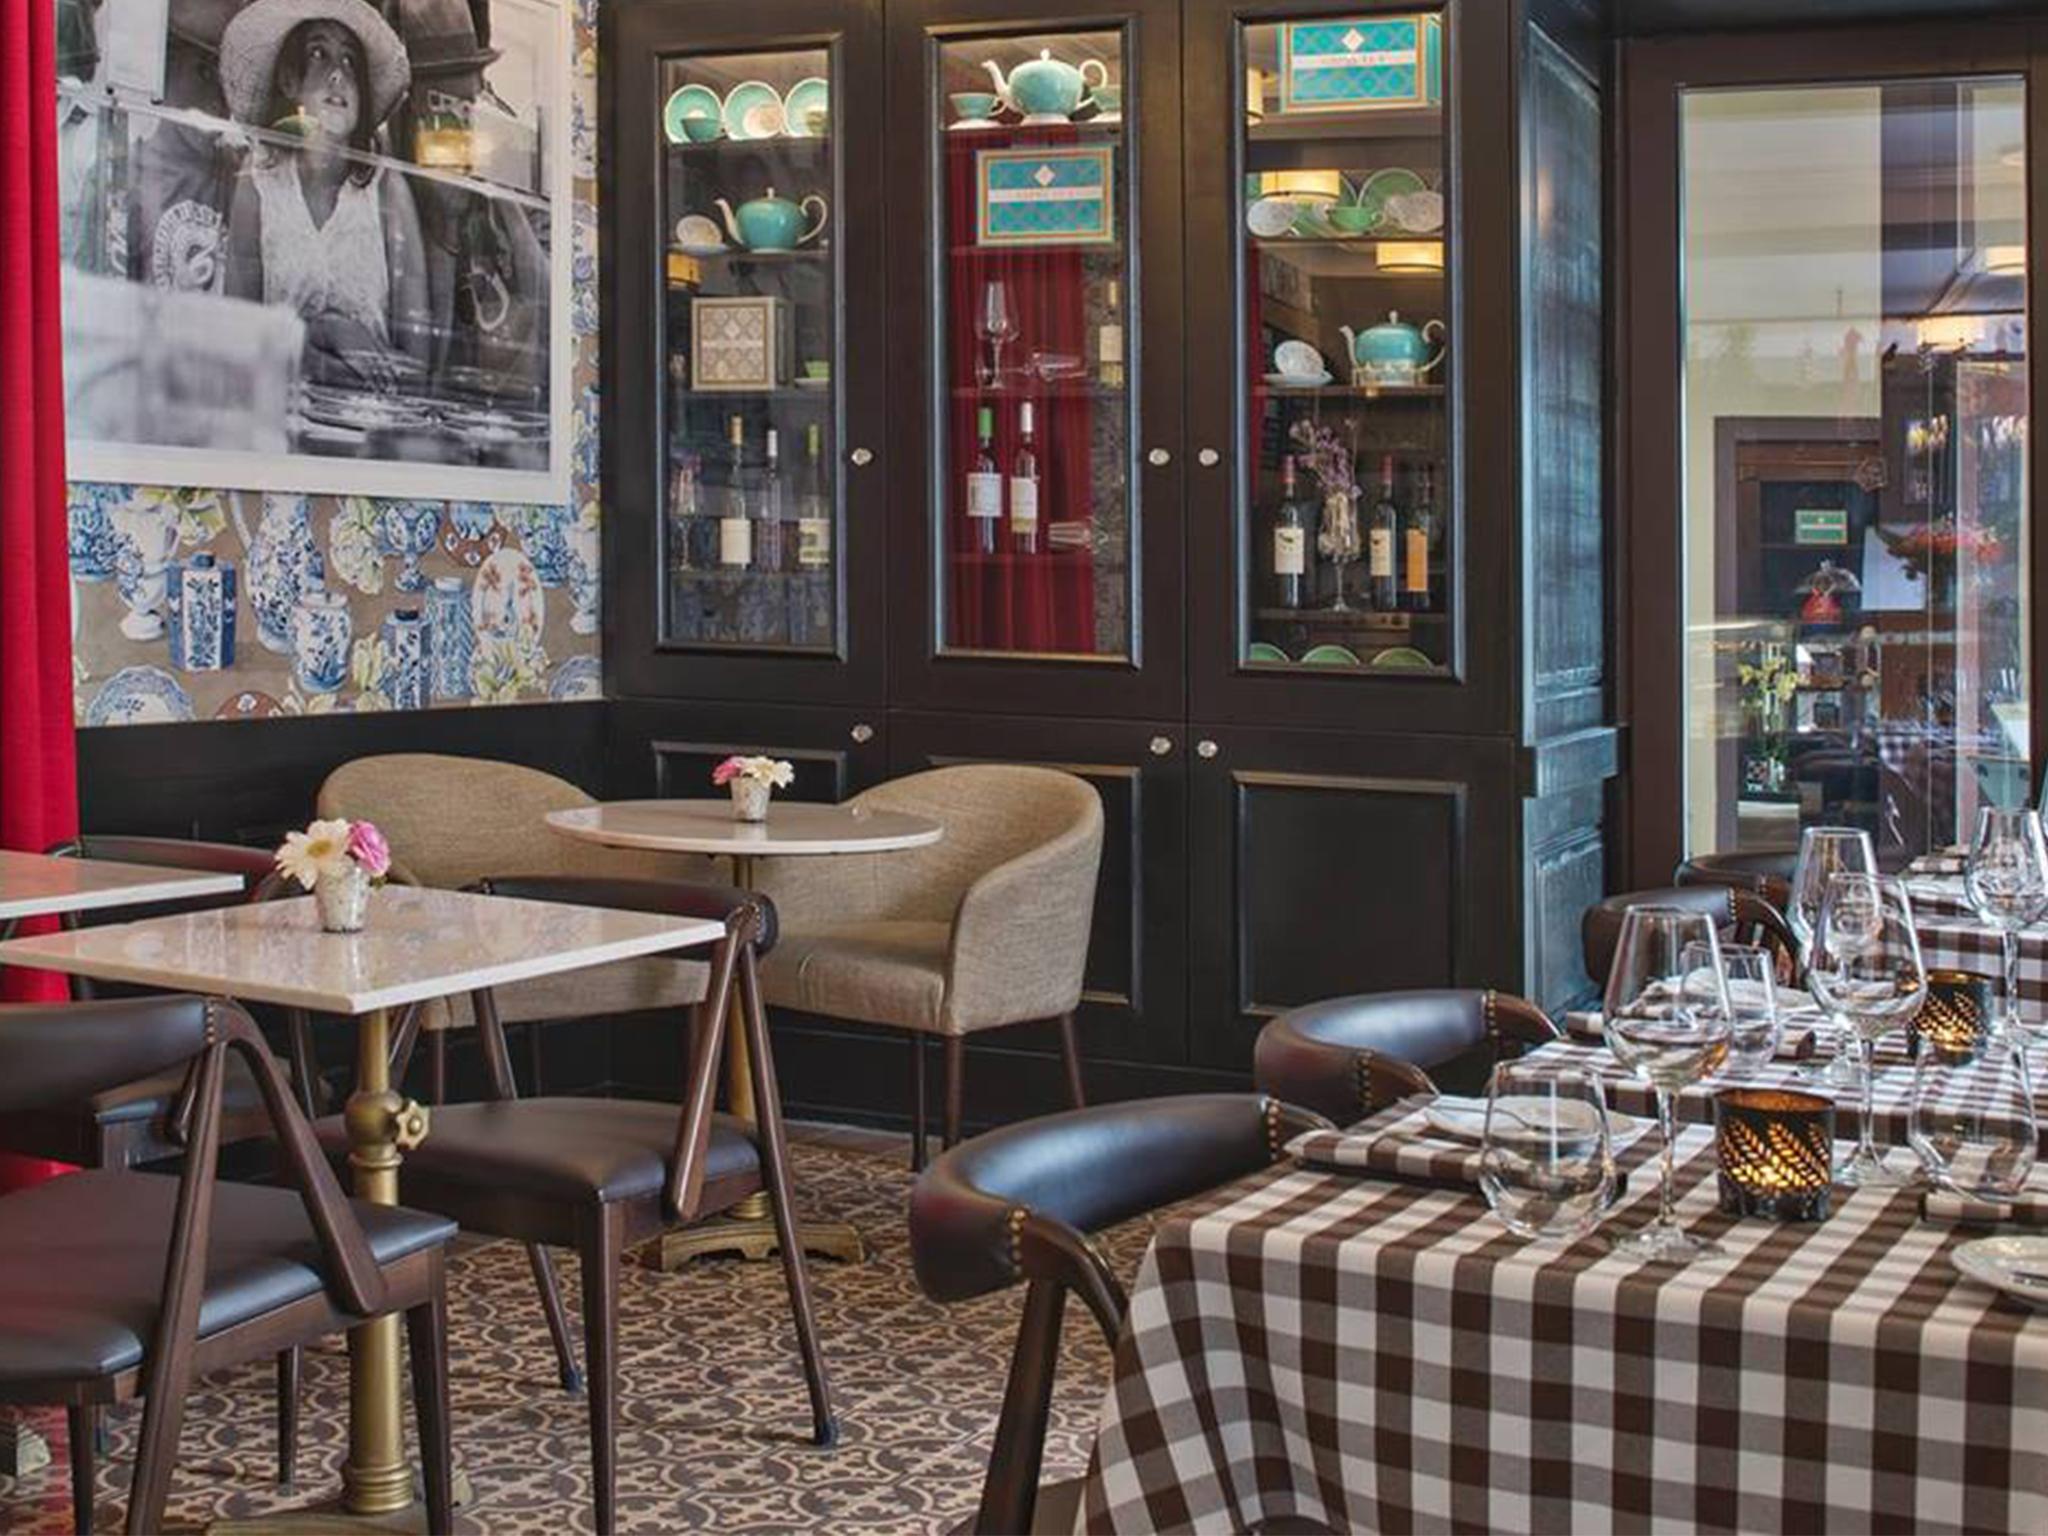 Audrey's Café